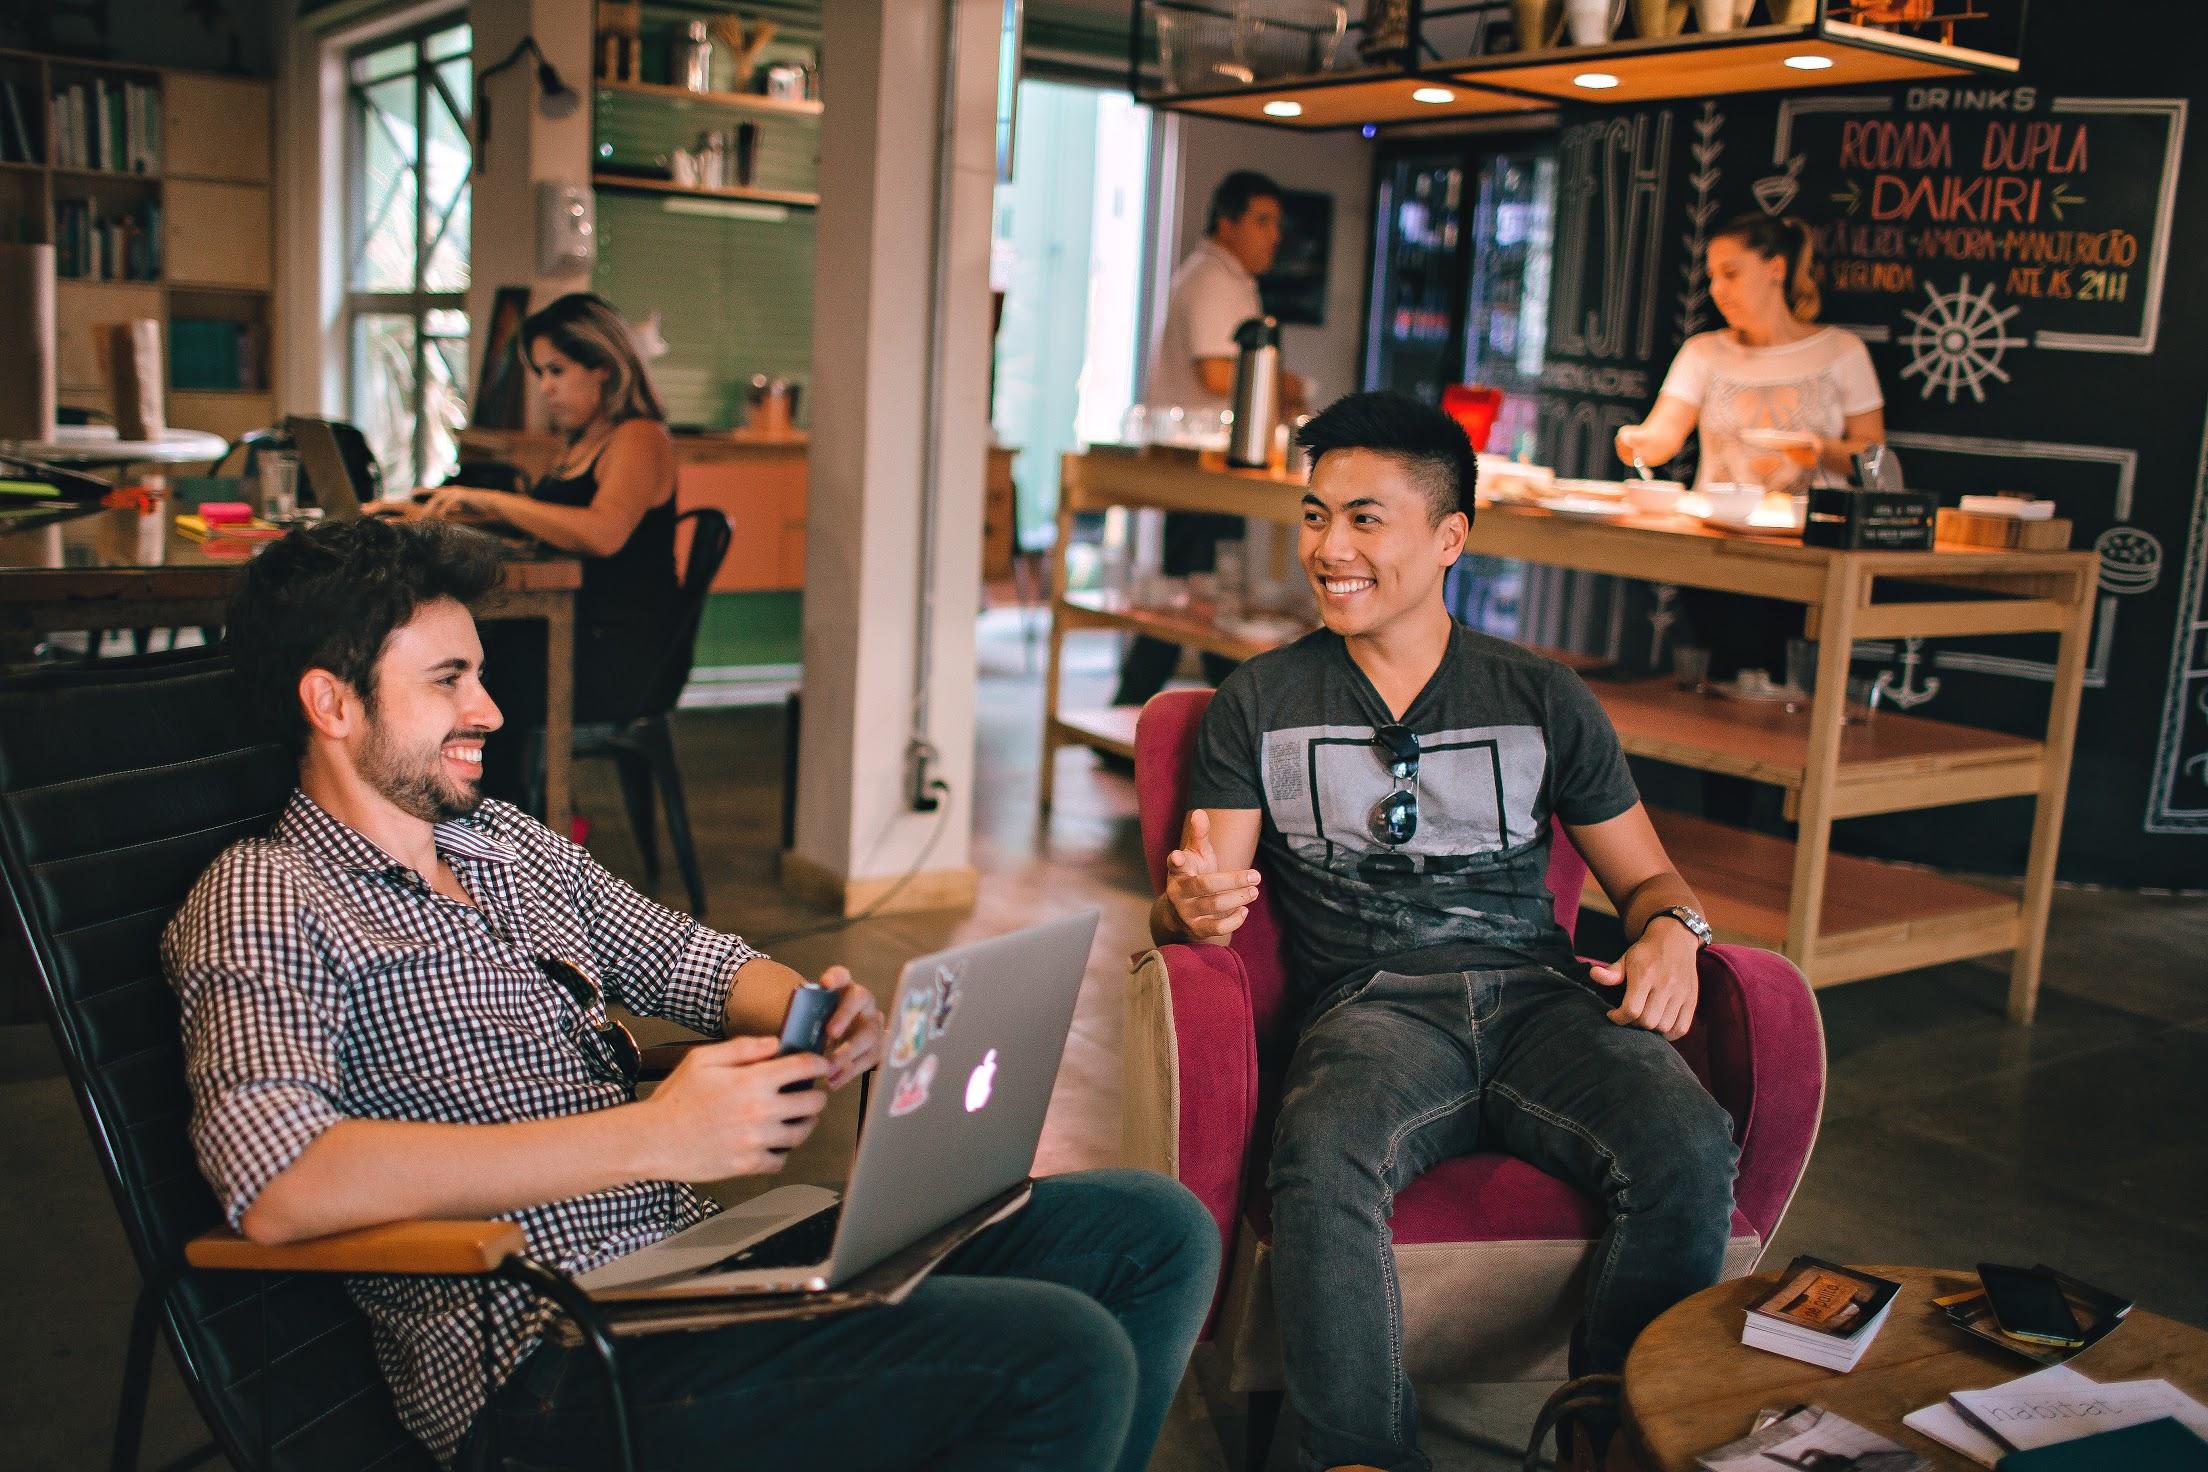 تاثیر قهوه بر بازدهی کار و مزیت کار در کافه